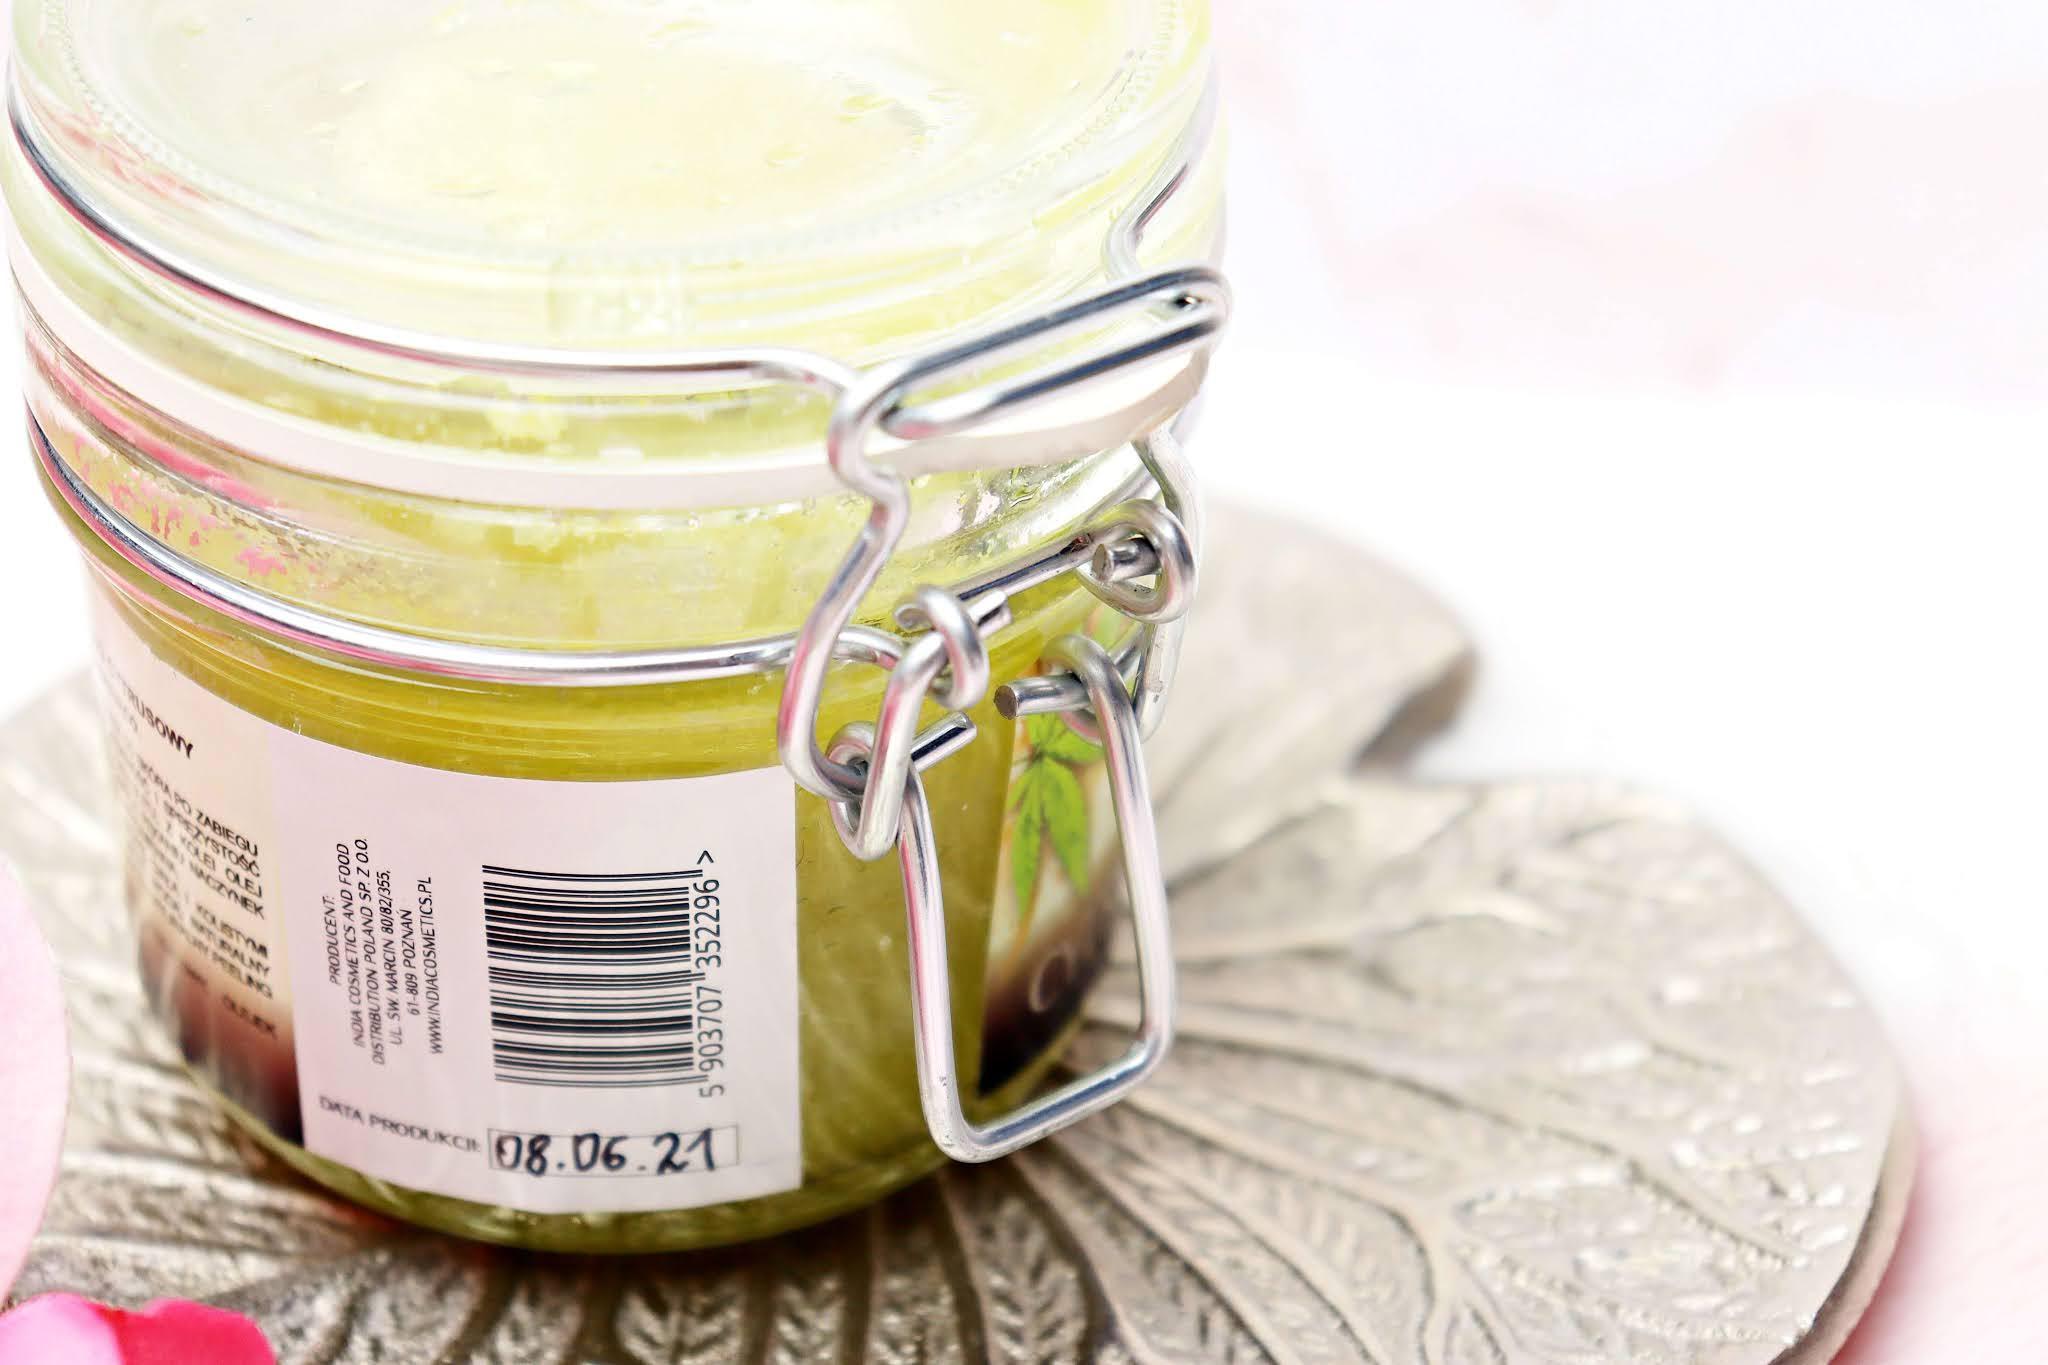 India Cosmetics Naturalny peeling cukrowy z olejem konopnym cytrusowy